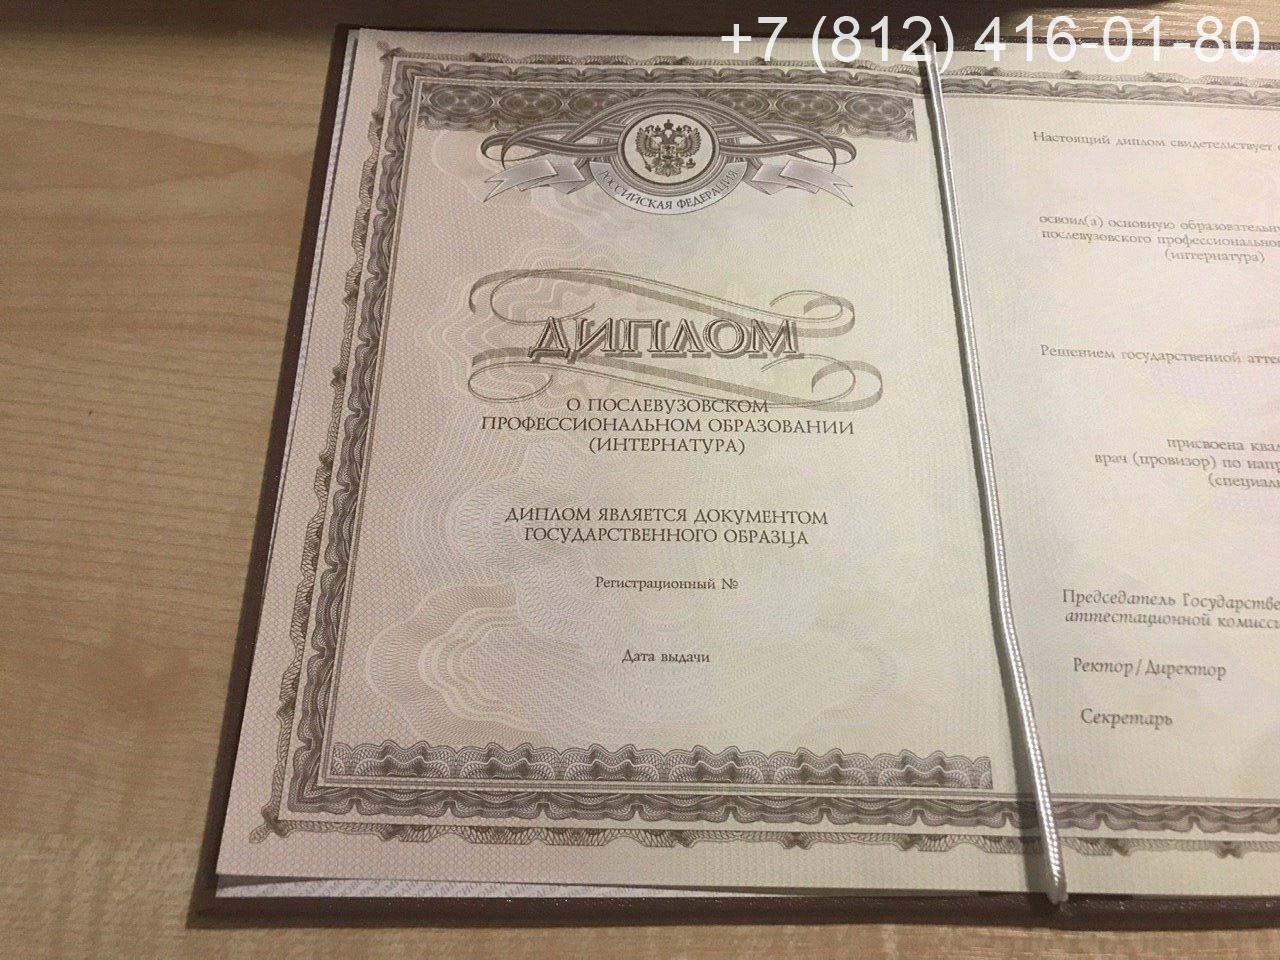 Диплом о послевузовском профессиональном образовании, интернатура нового образца